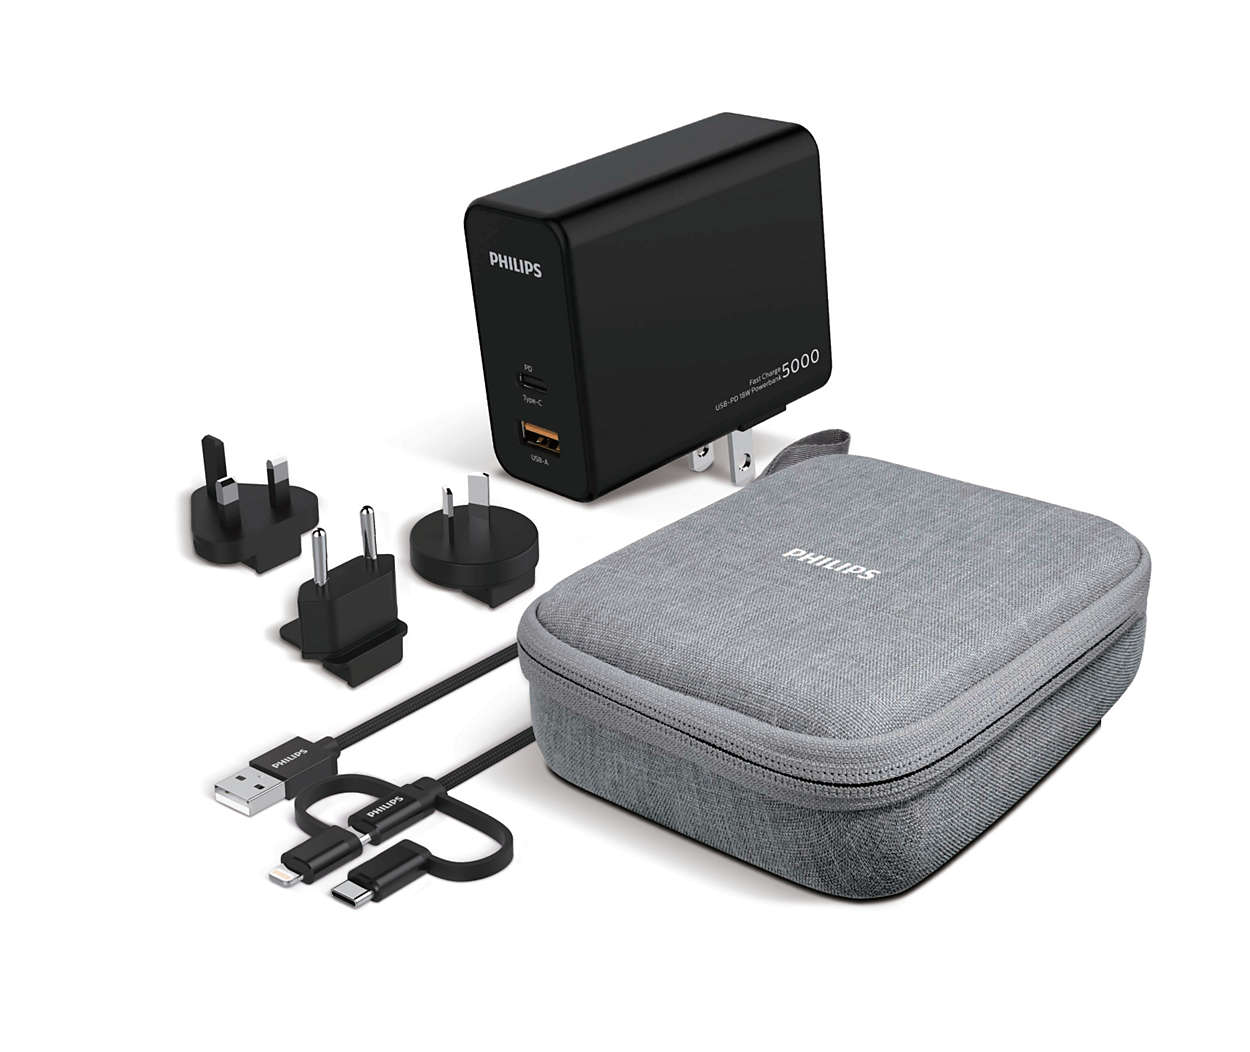 Batería portátil, la versátil compañera de viaje